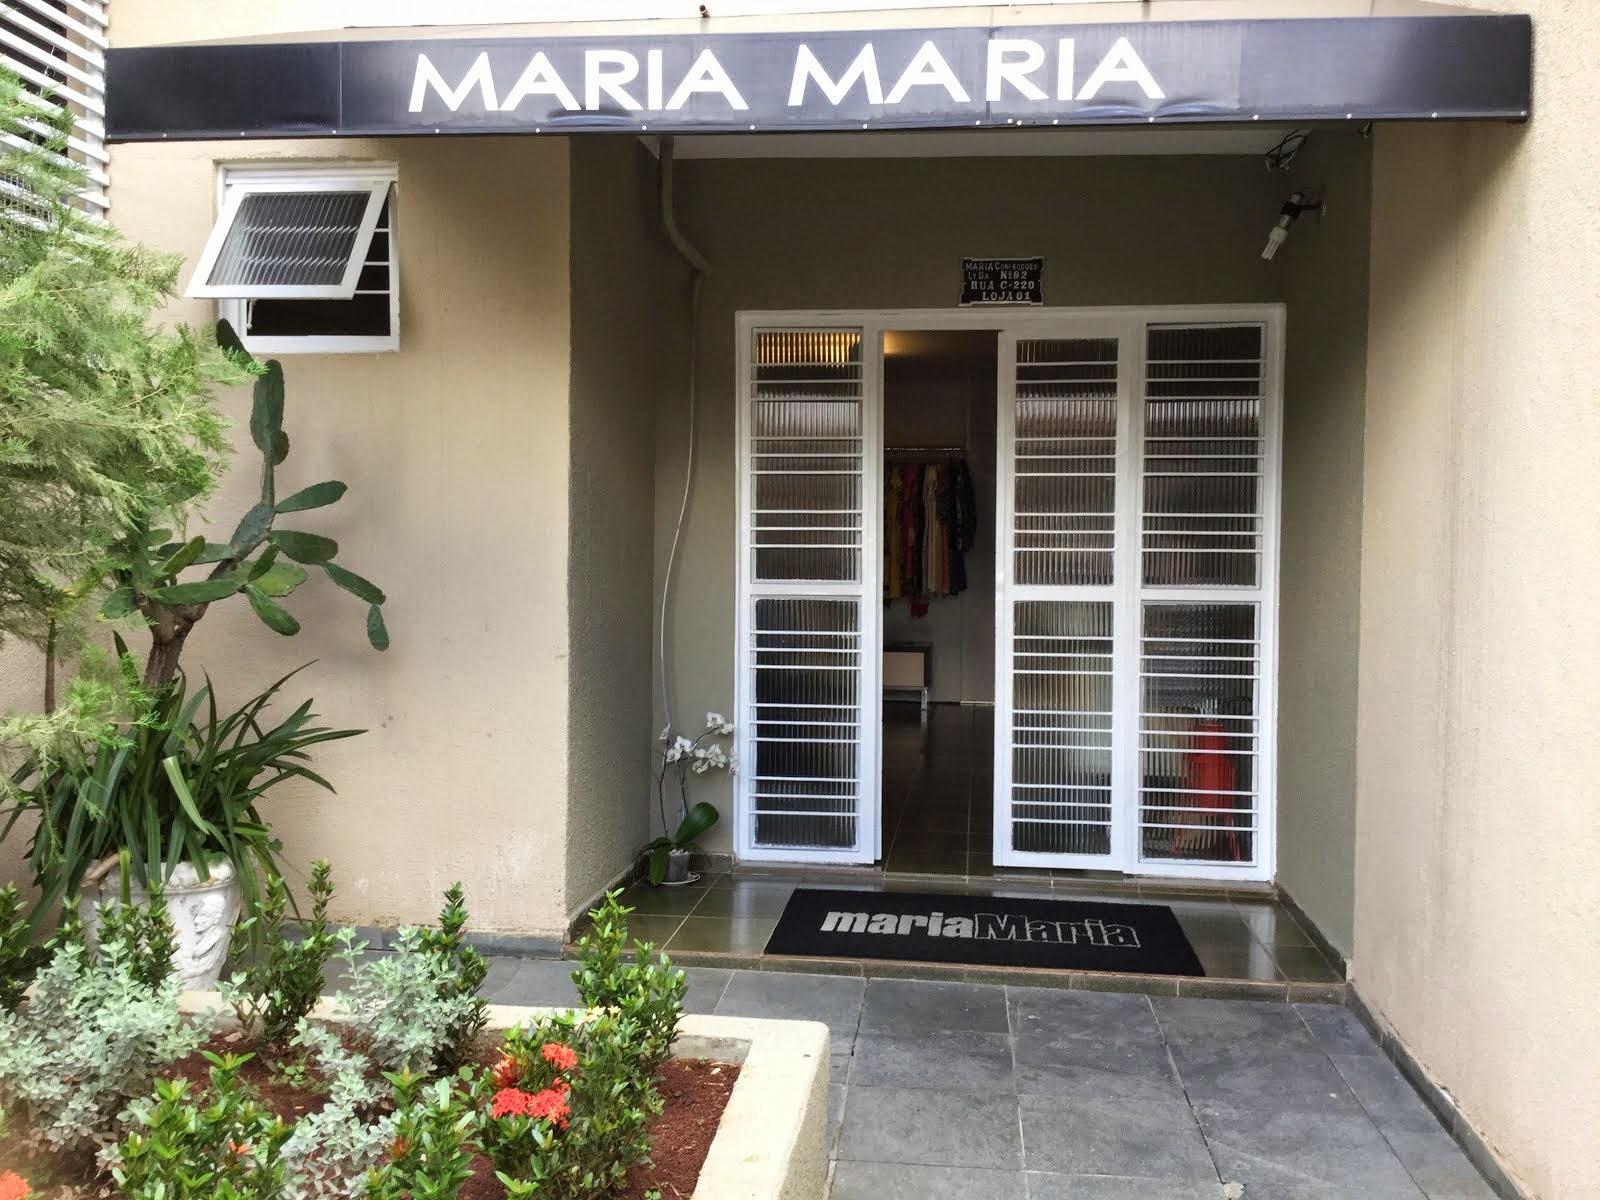 Maria Maria & Maria Mania